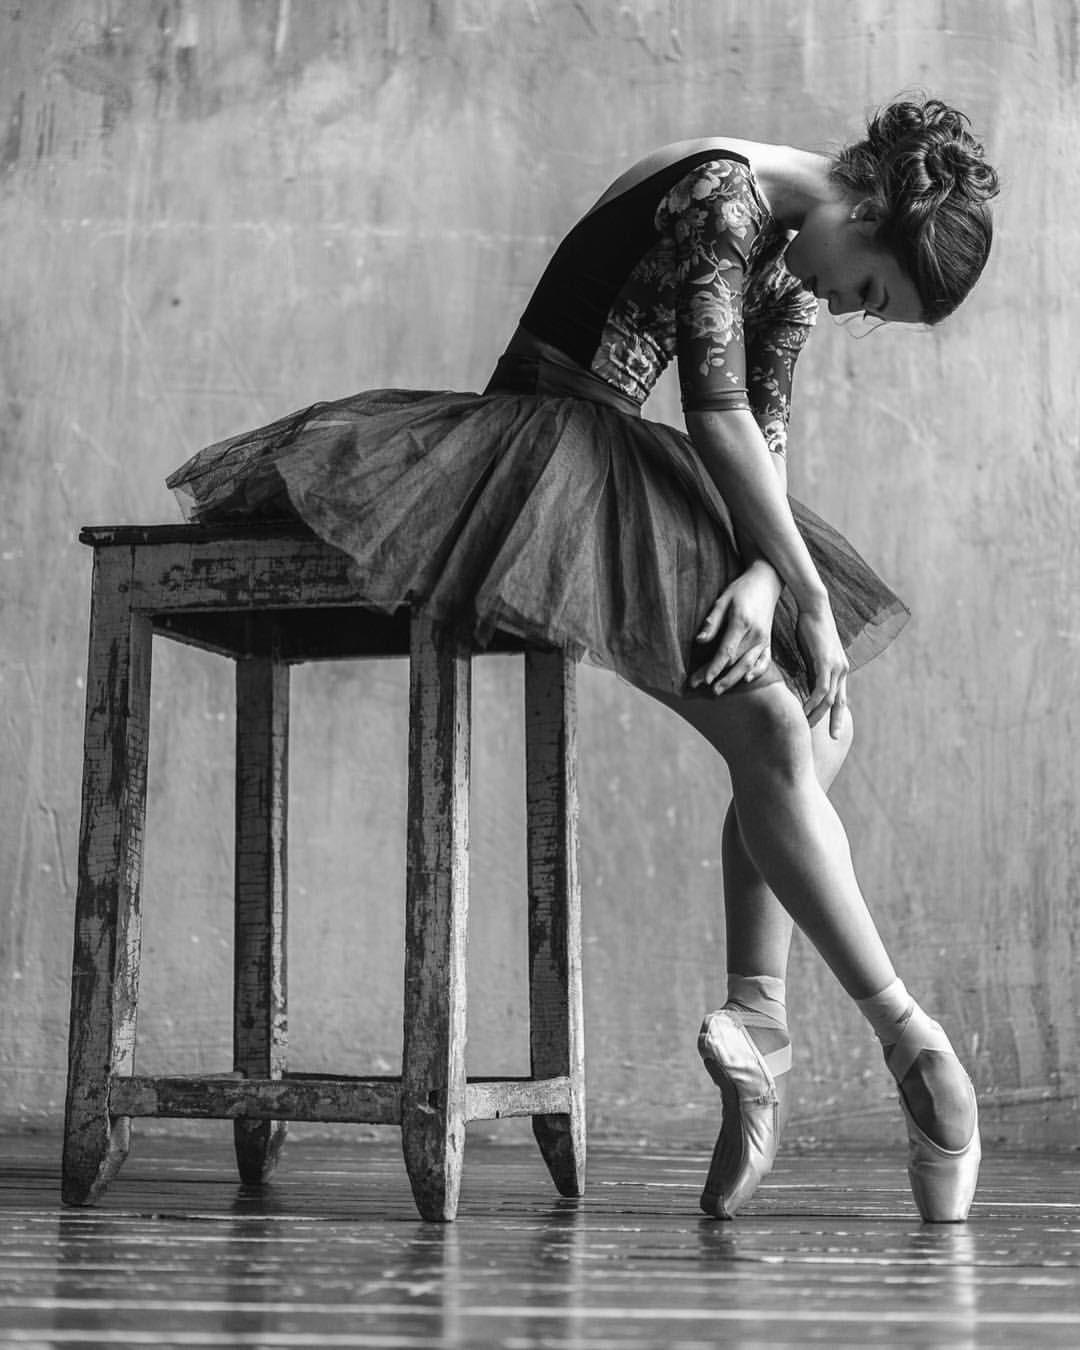 Красивые картинки с балеринами и пуантами, смешными картинками картинки